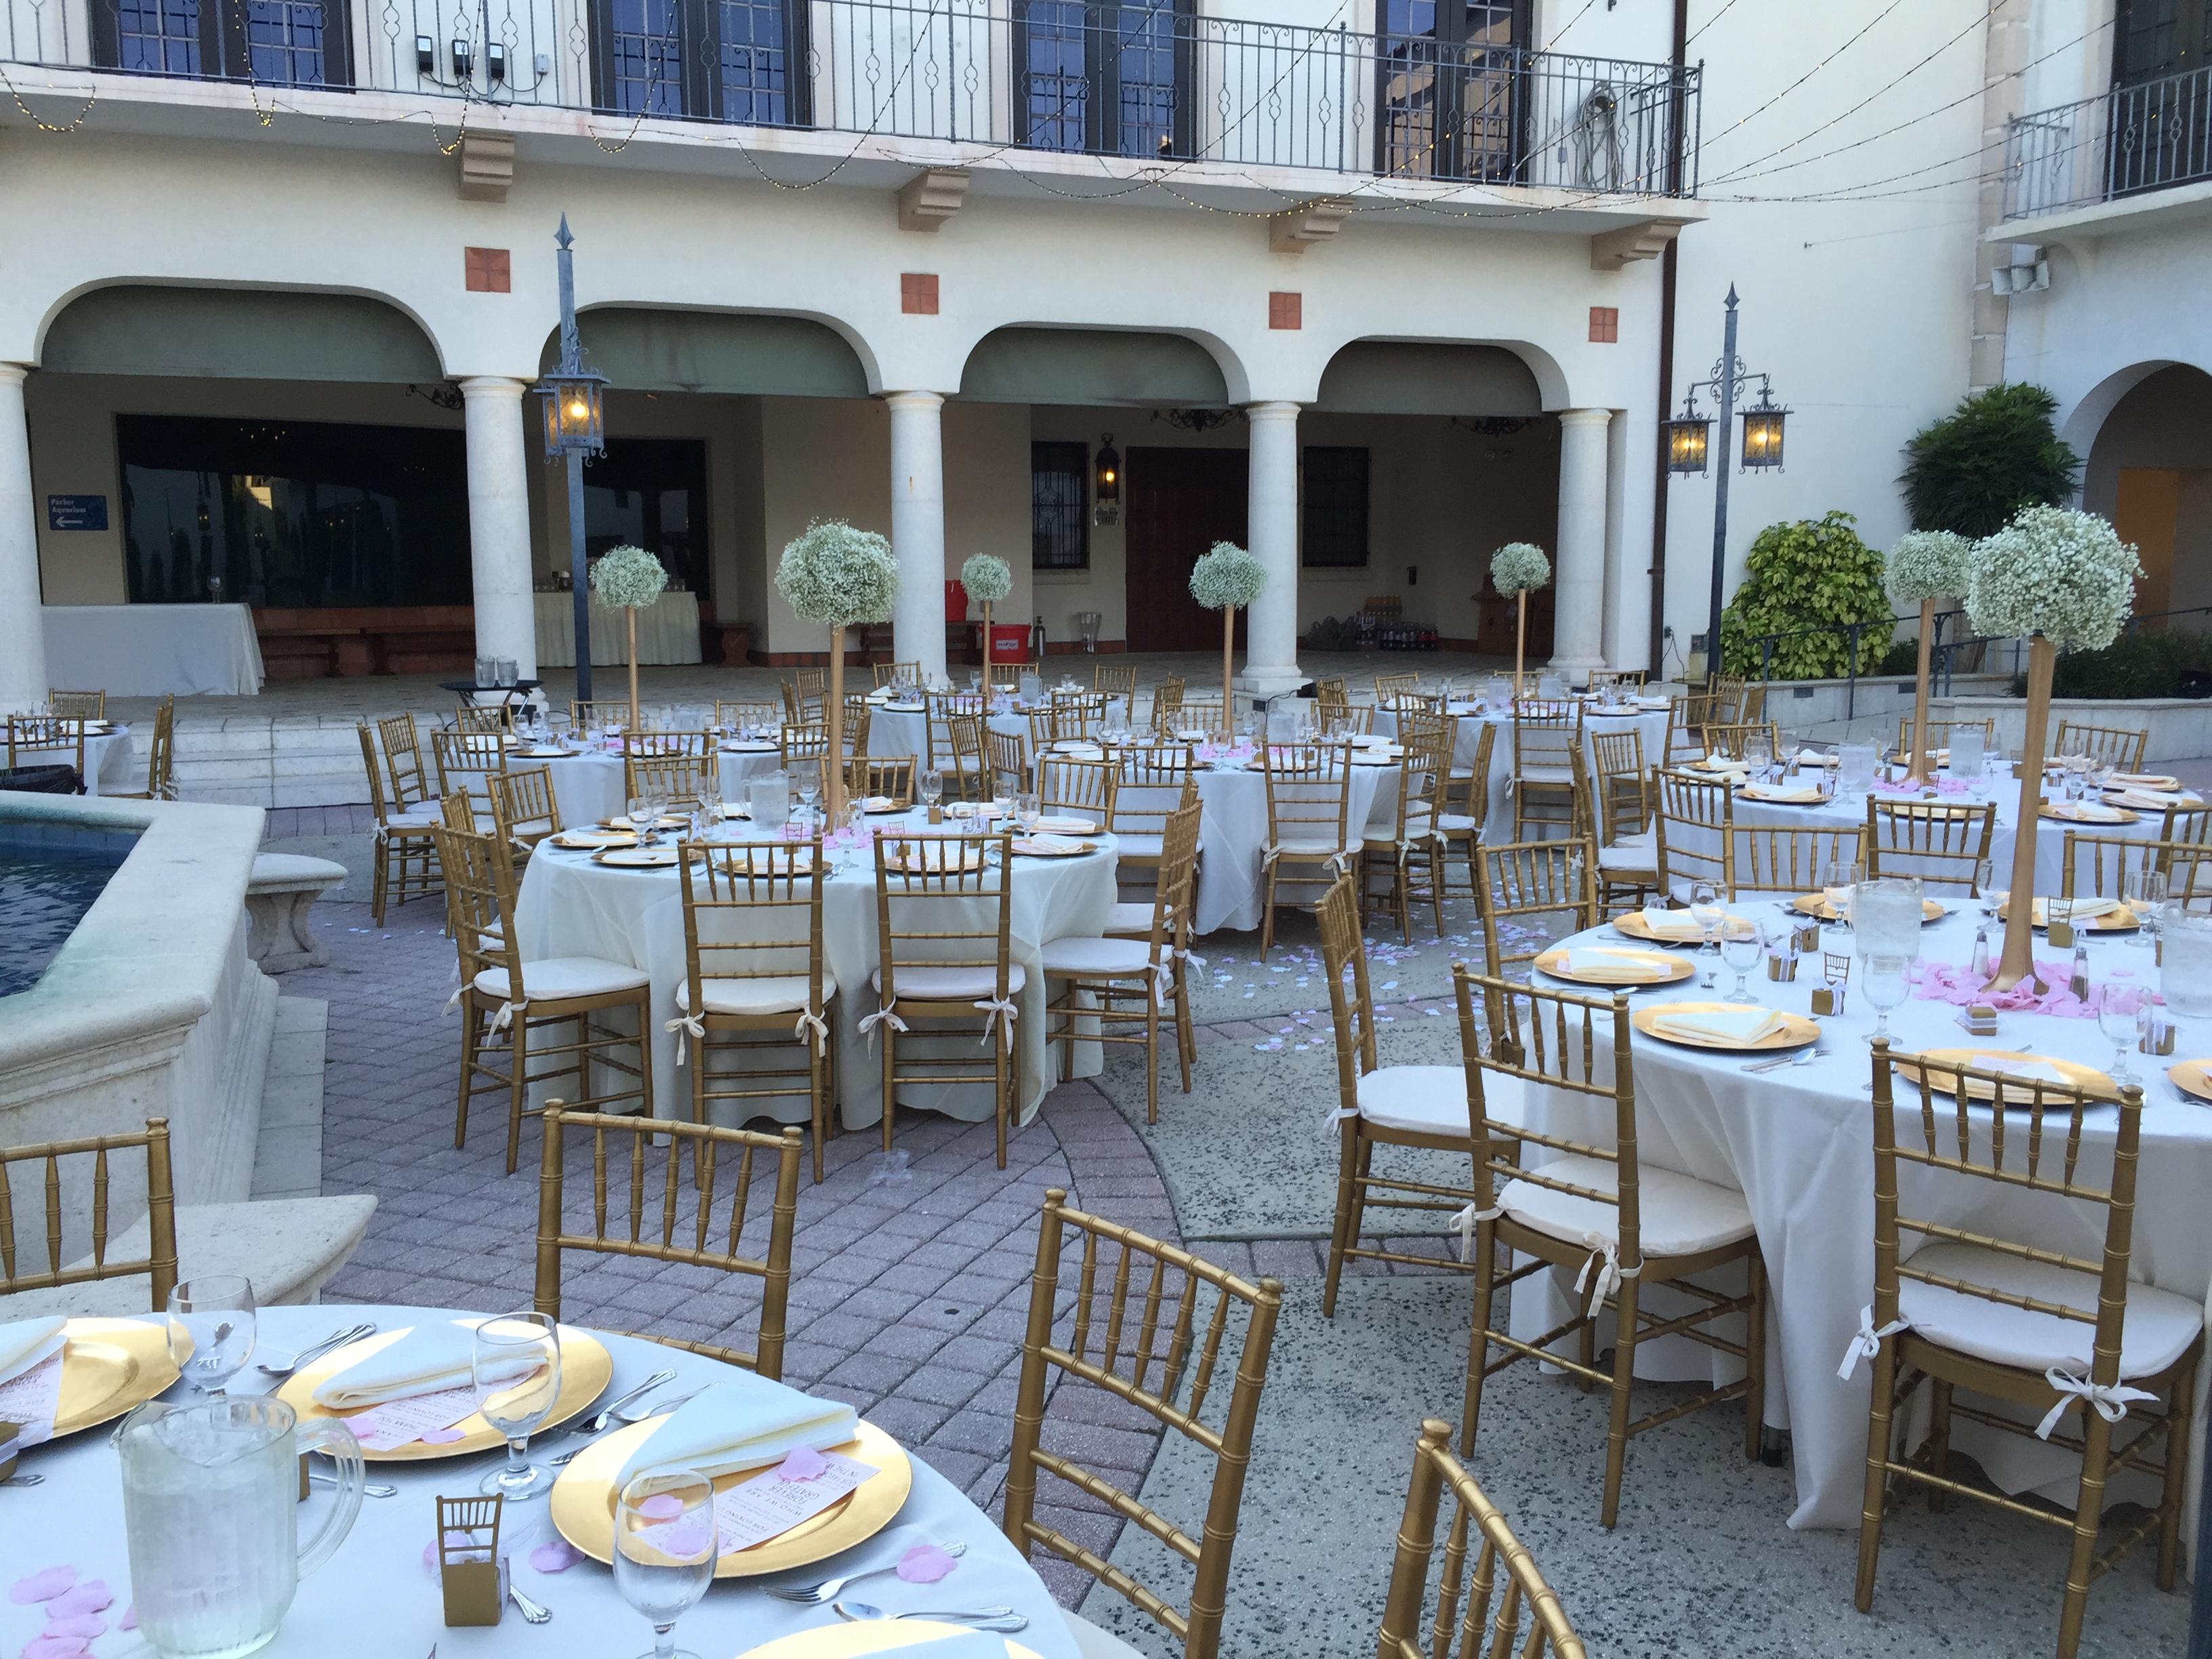 South florida museum bradenton wedding cakes